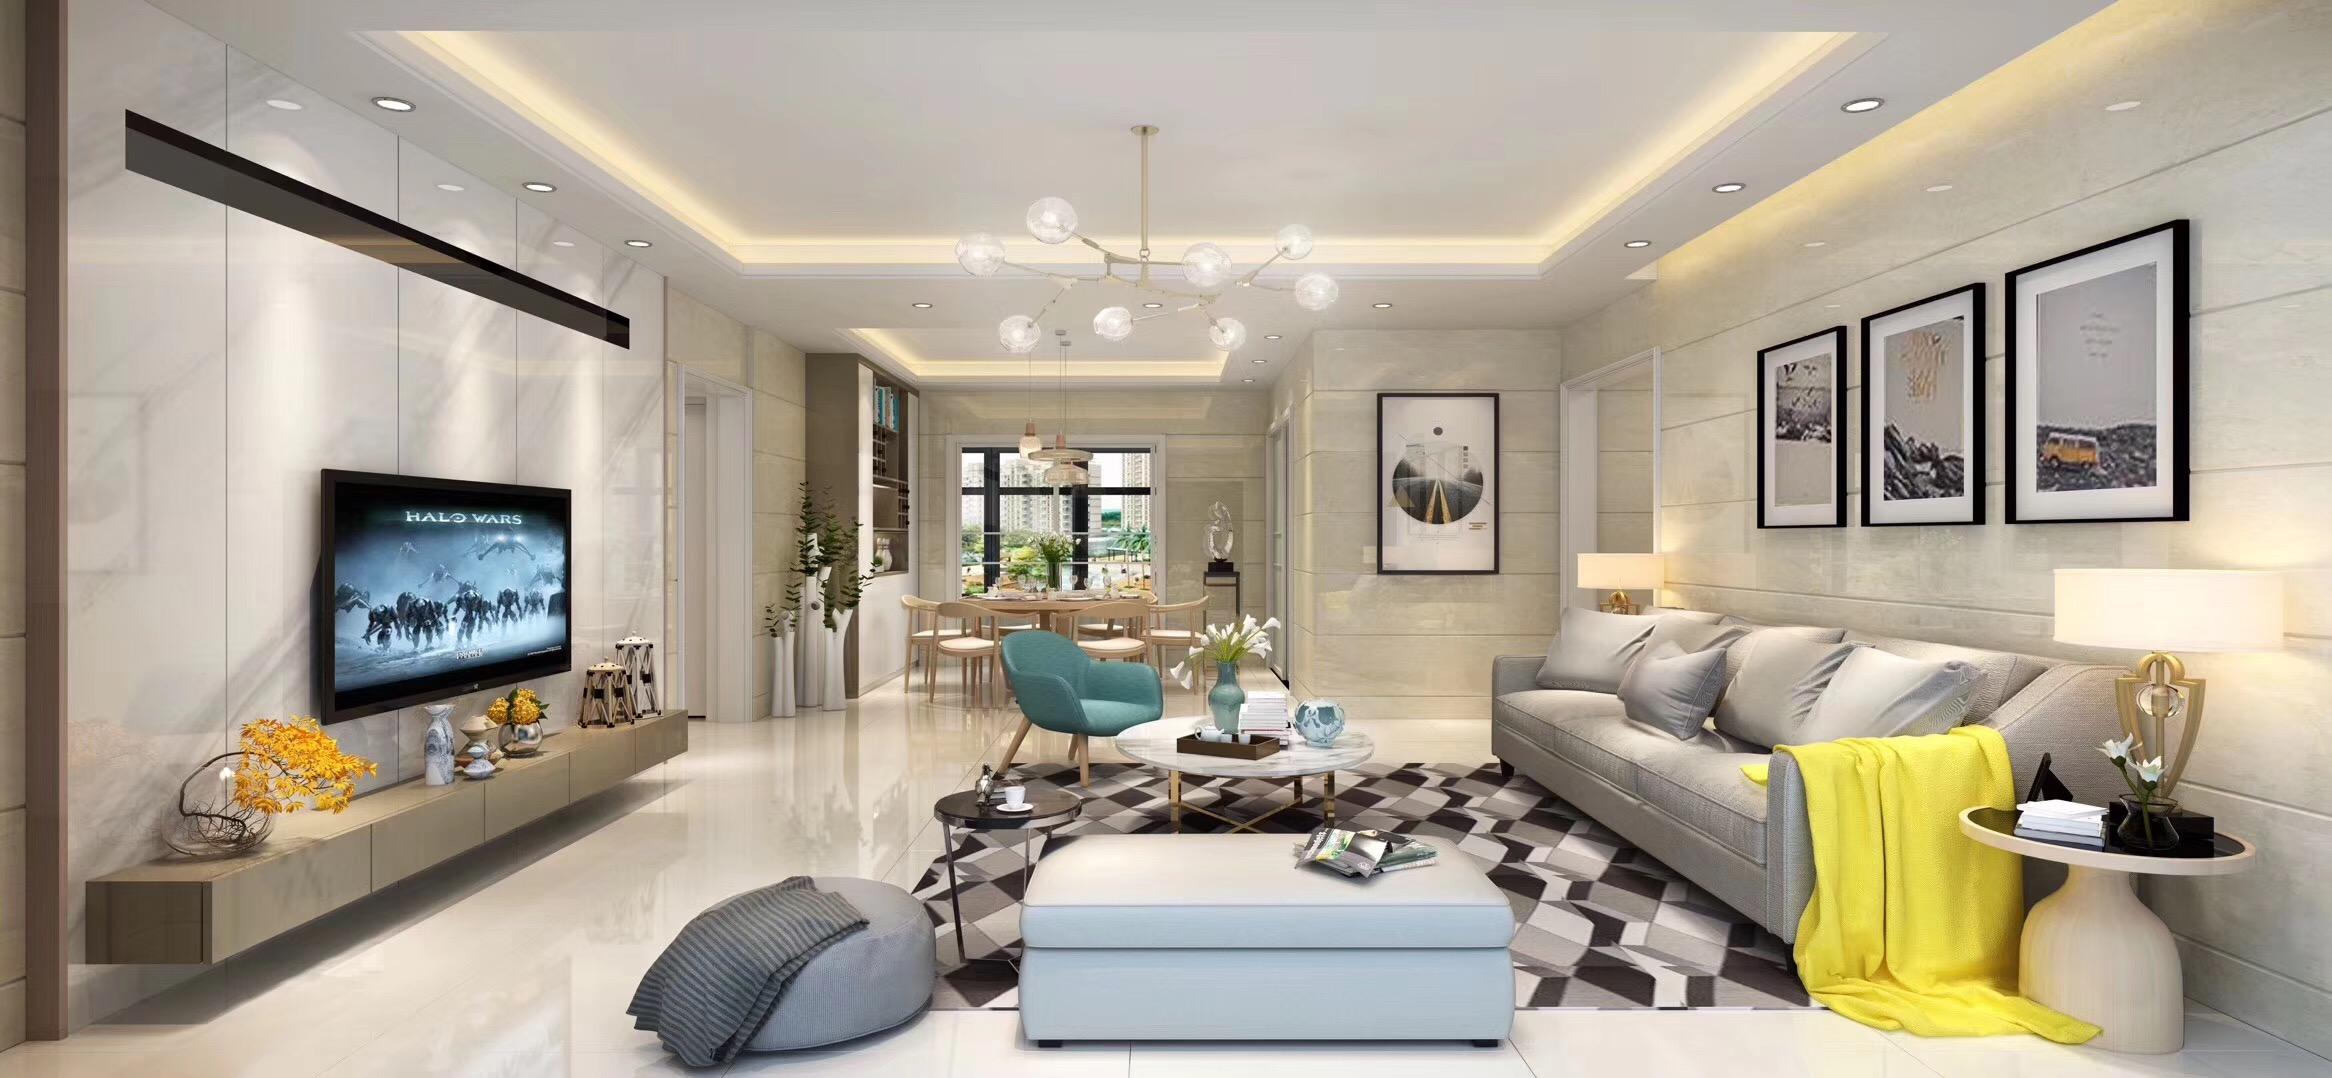 130平现代简约设计客厅效果图